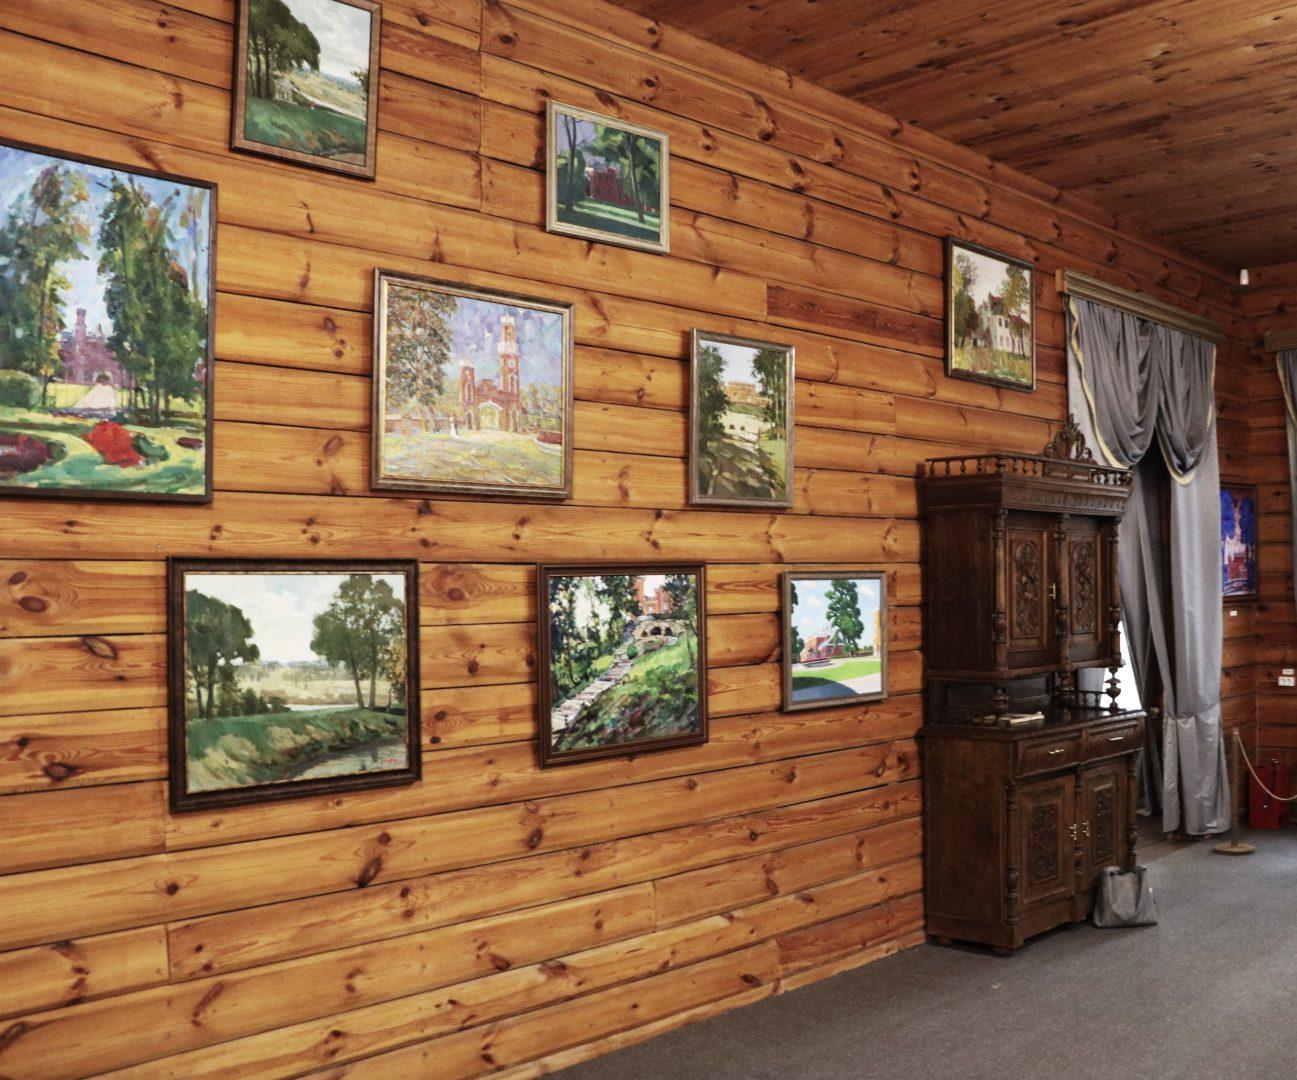 Открытие выставки «Рамонь. Ольденбургские» в Музее-усадьбе П.П. Семенова-Тян-Шанского Липецкой области